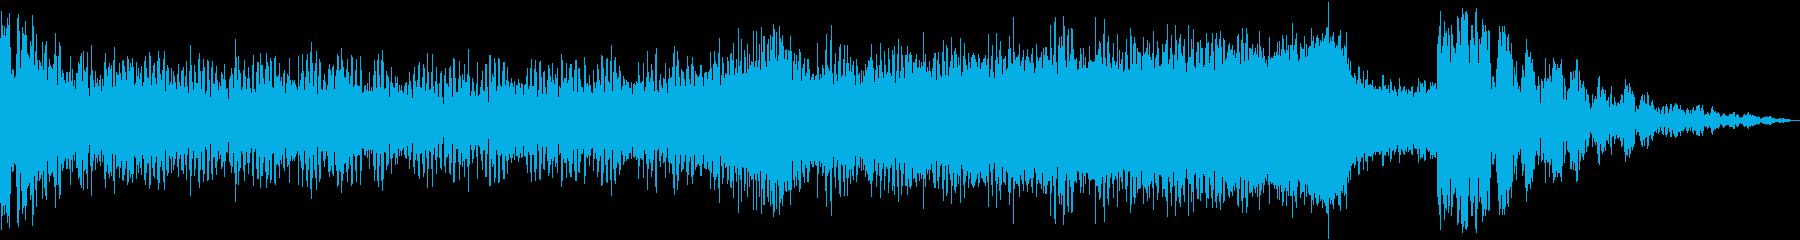 【ダークアンビエント】 黄泉の骸の再生済みの波形